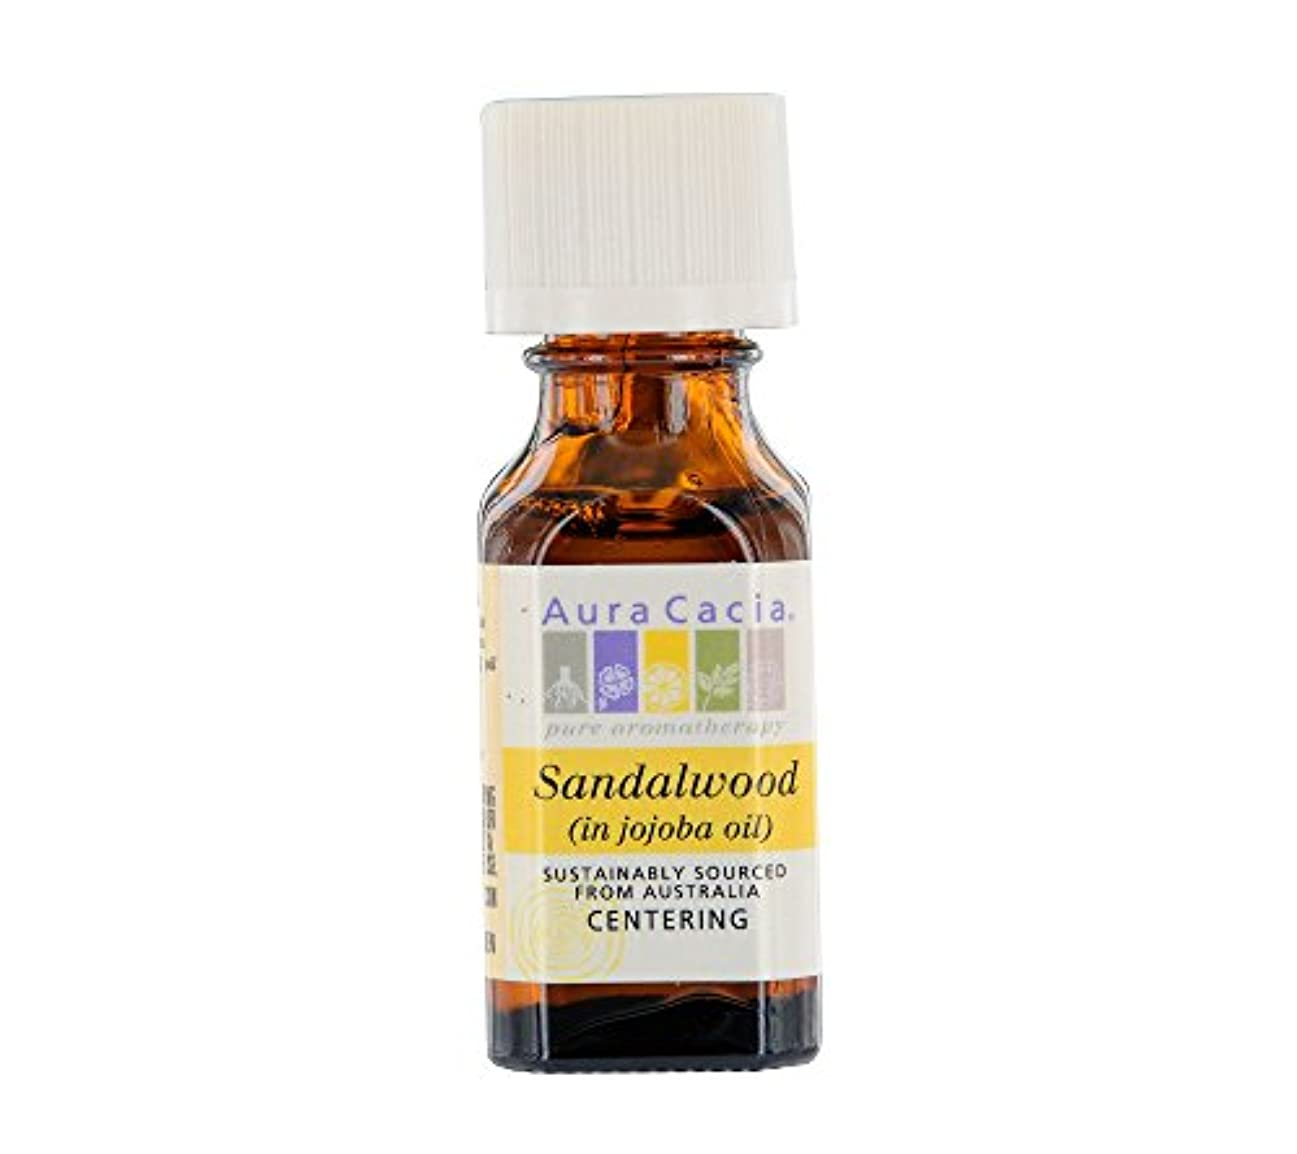 無意識誘惑するくそーサンダルウッド(ホホバブレンド) 1/2オンス(約15ml)(海外直送品)